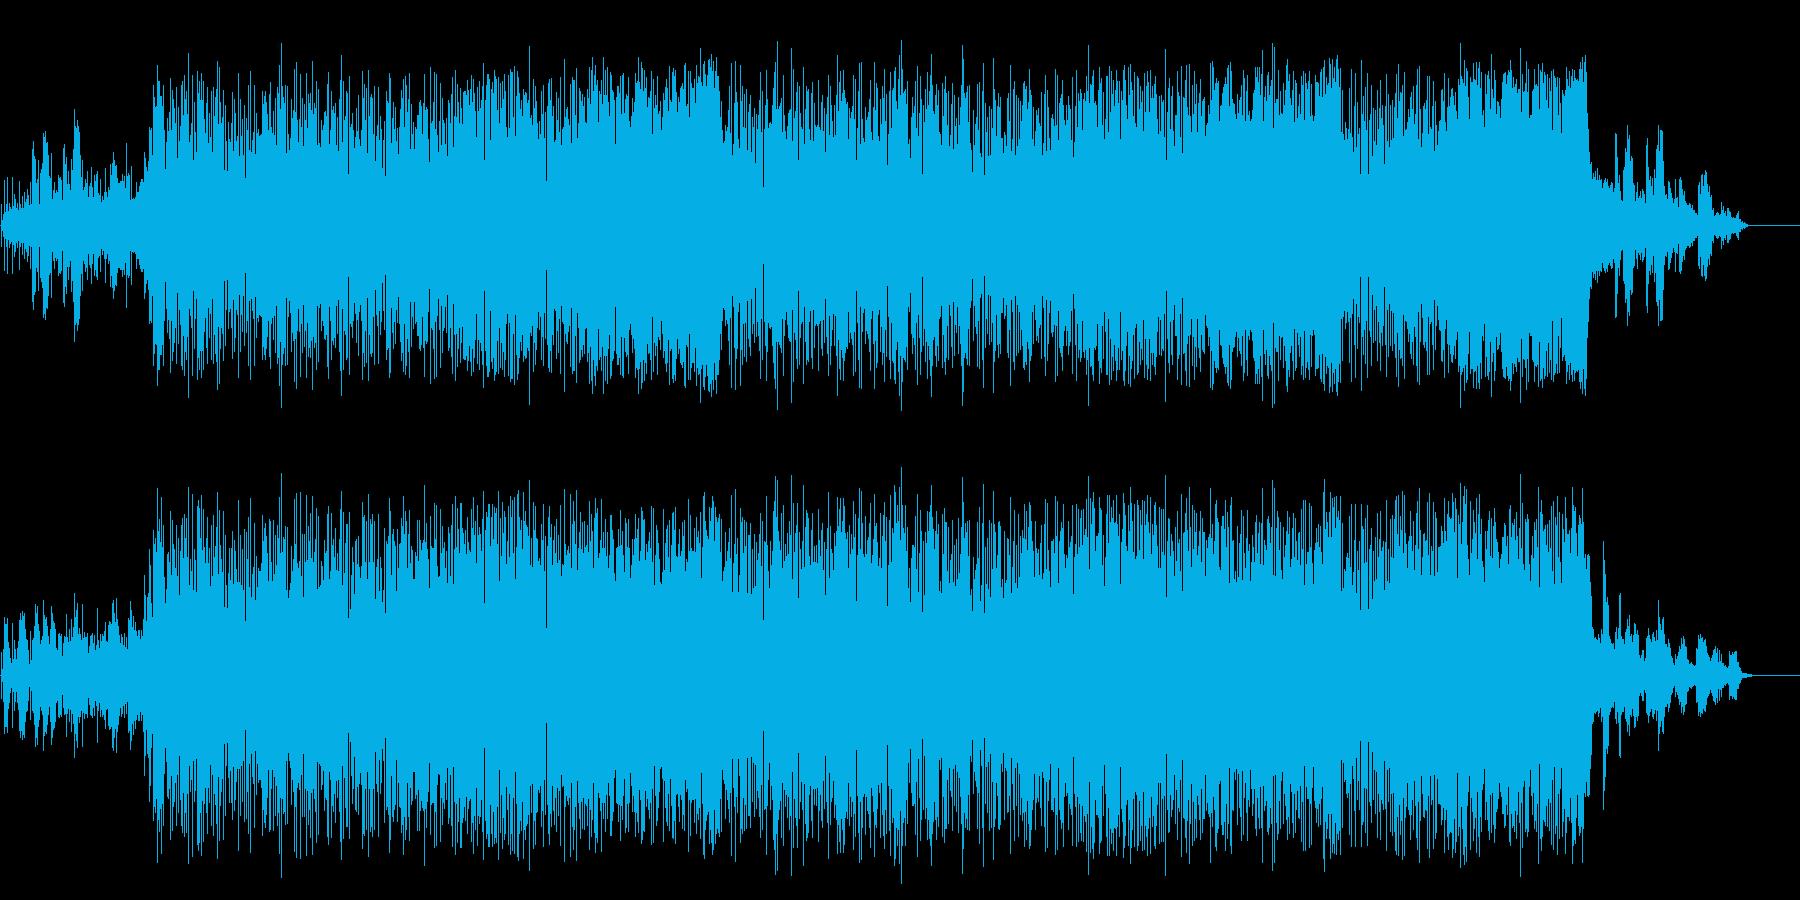 ファンキーなポップ/テクノ/マイナーの再生済みの波形